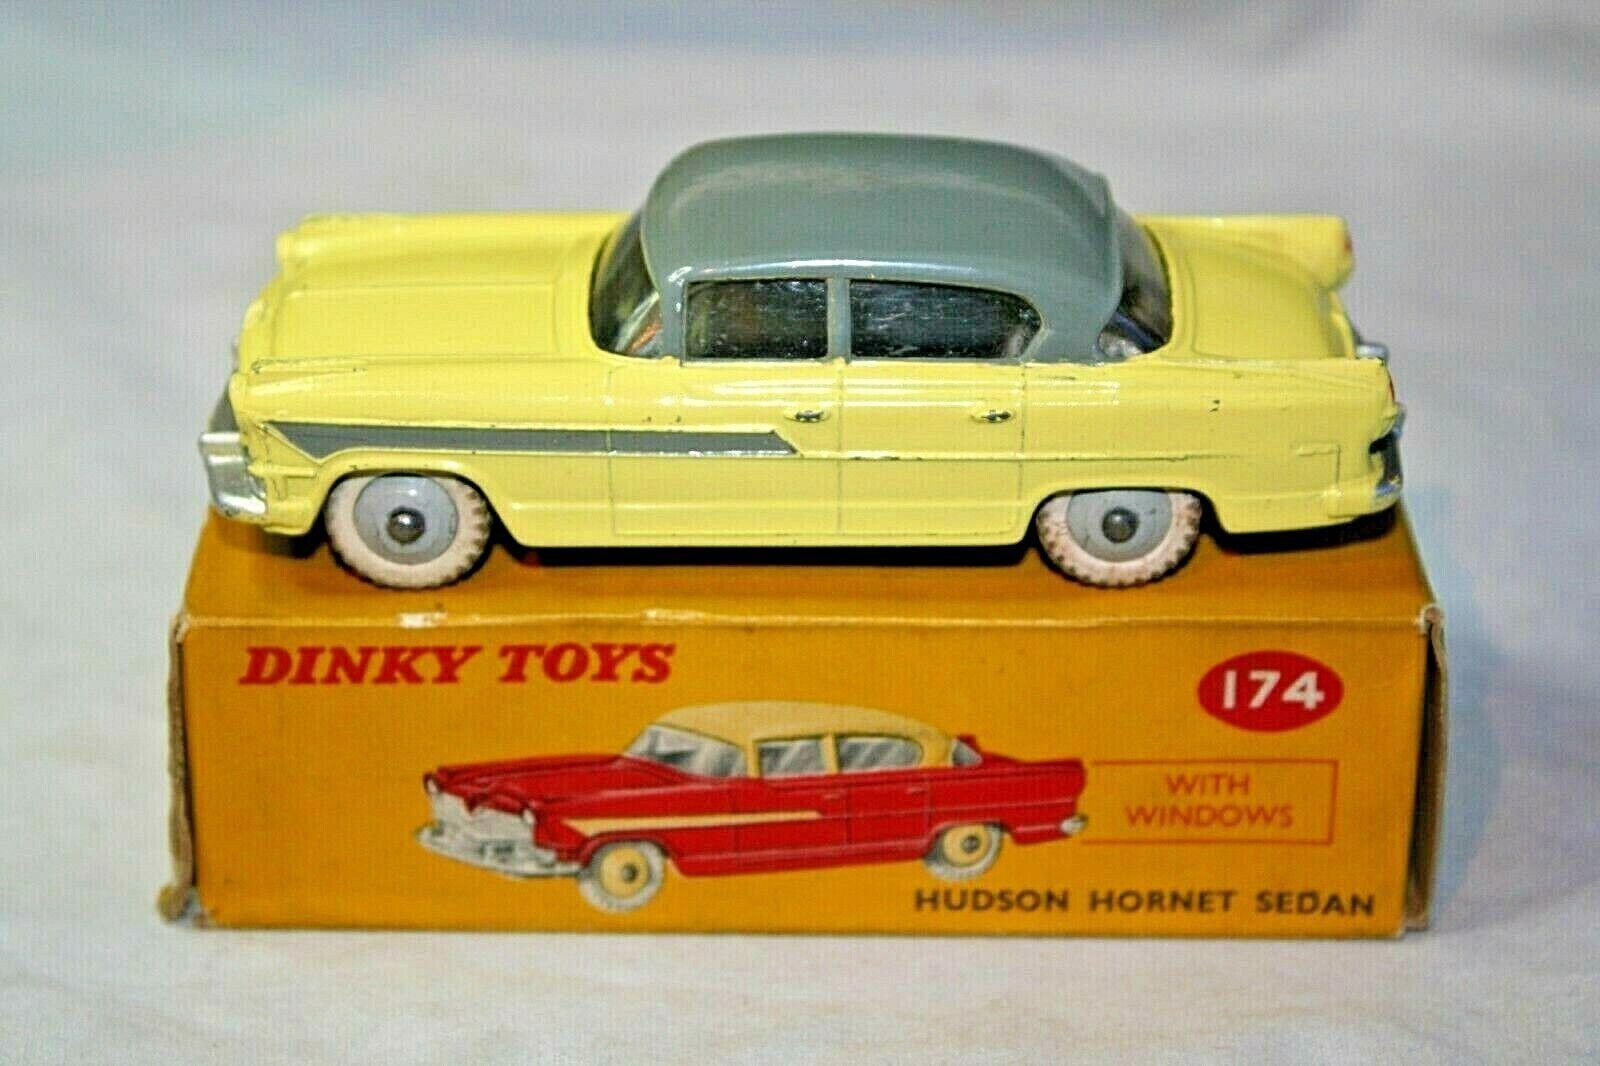 Dinky 174 Hudson Hornet, superbe état en bonne boîte d'origine